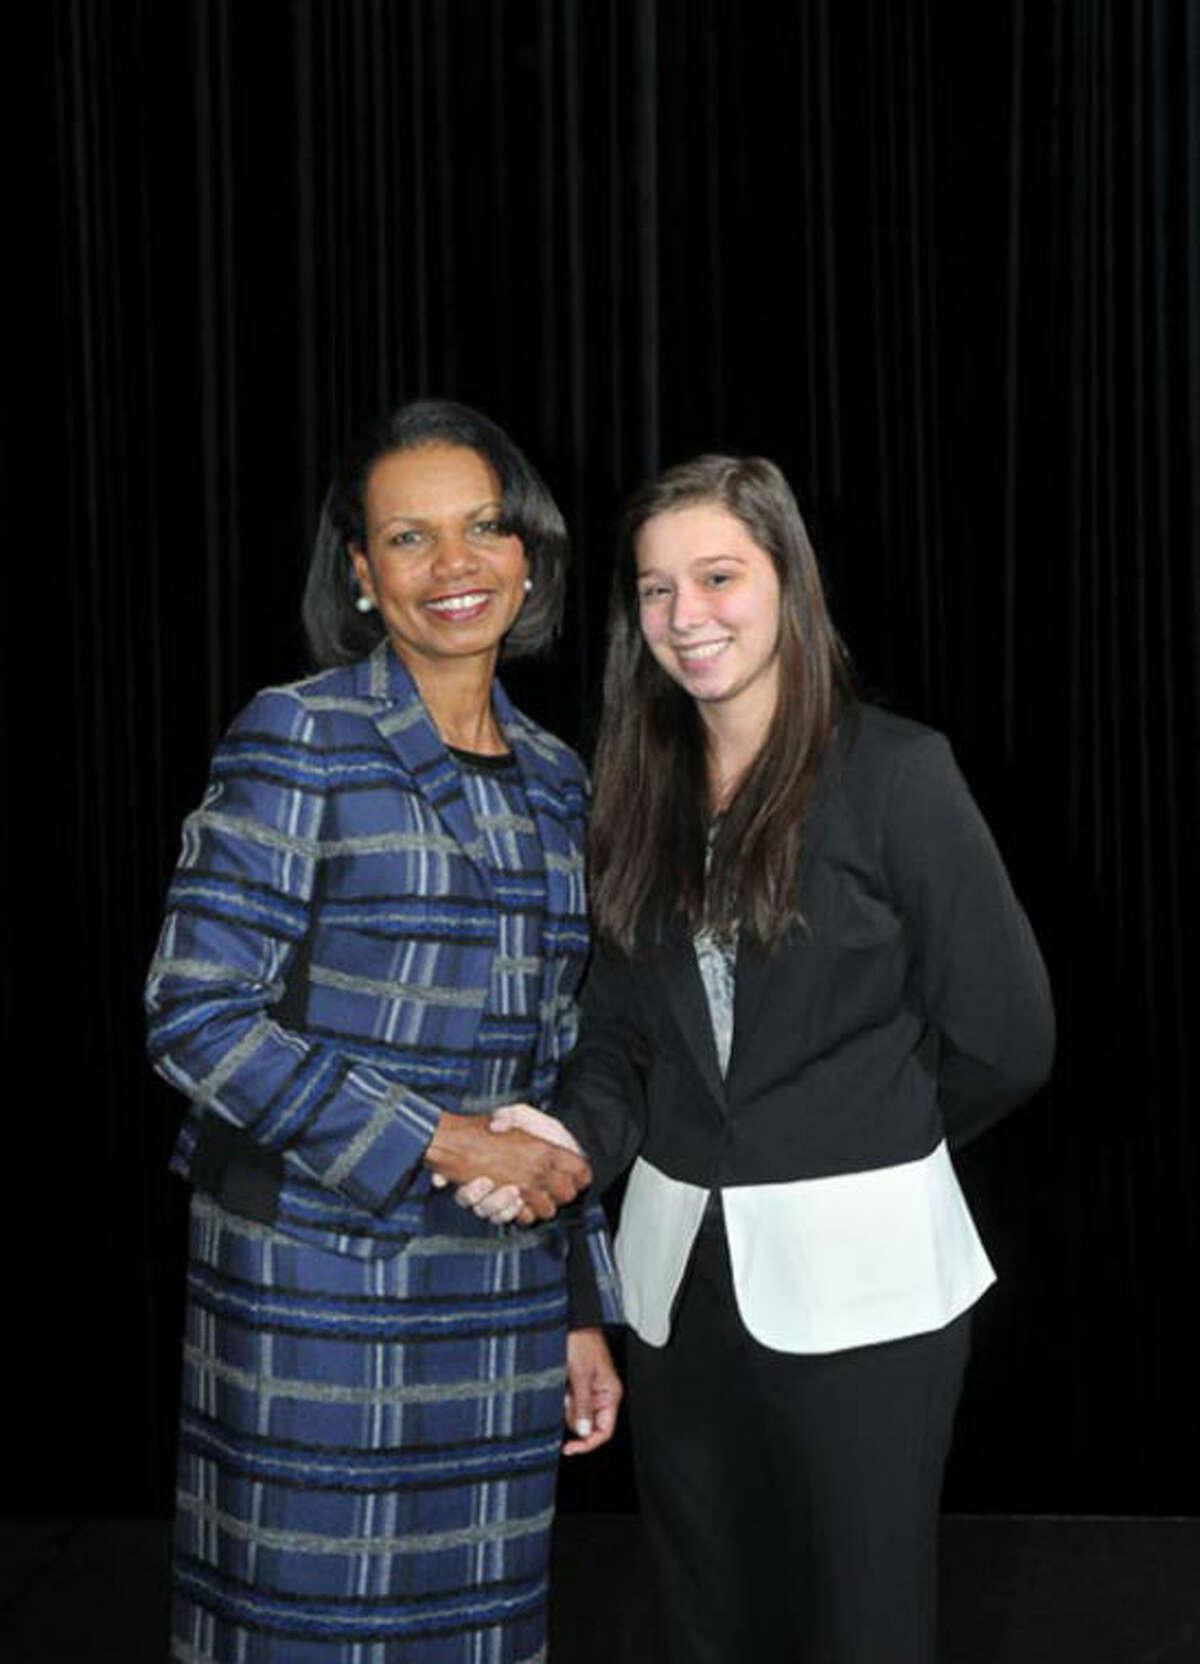 Condoleezza Rice and Lezlie Koch. Photo provided.